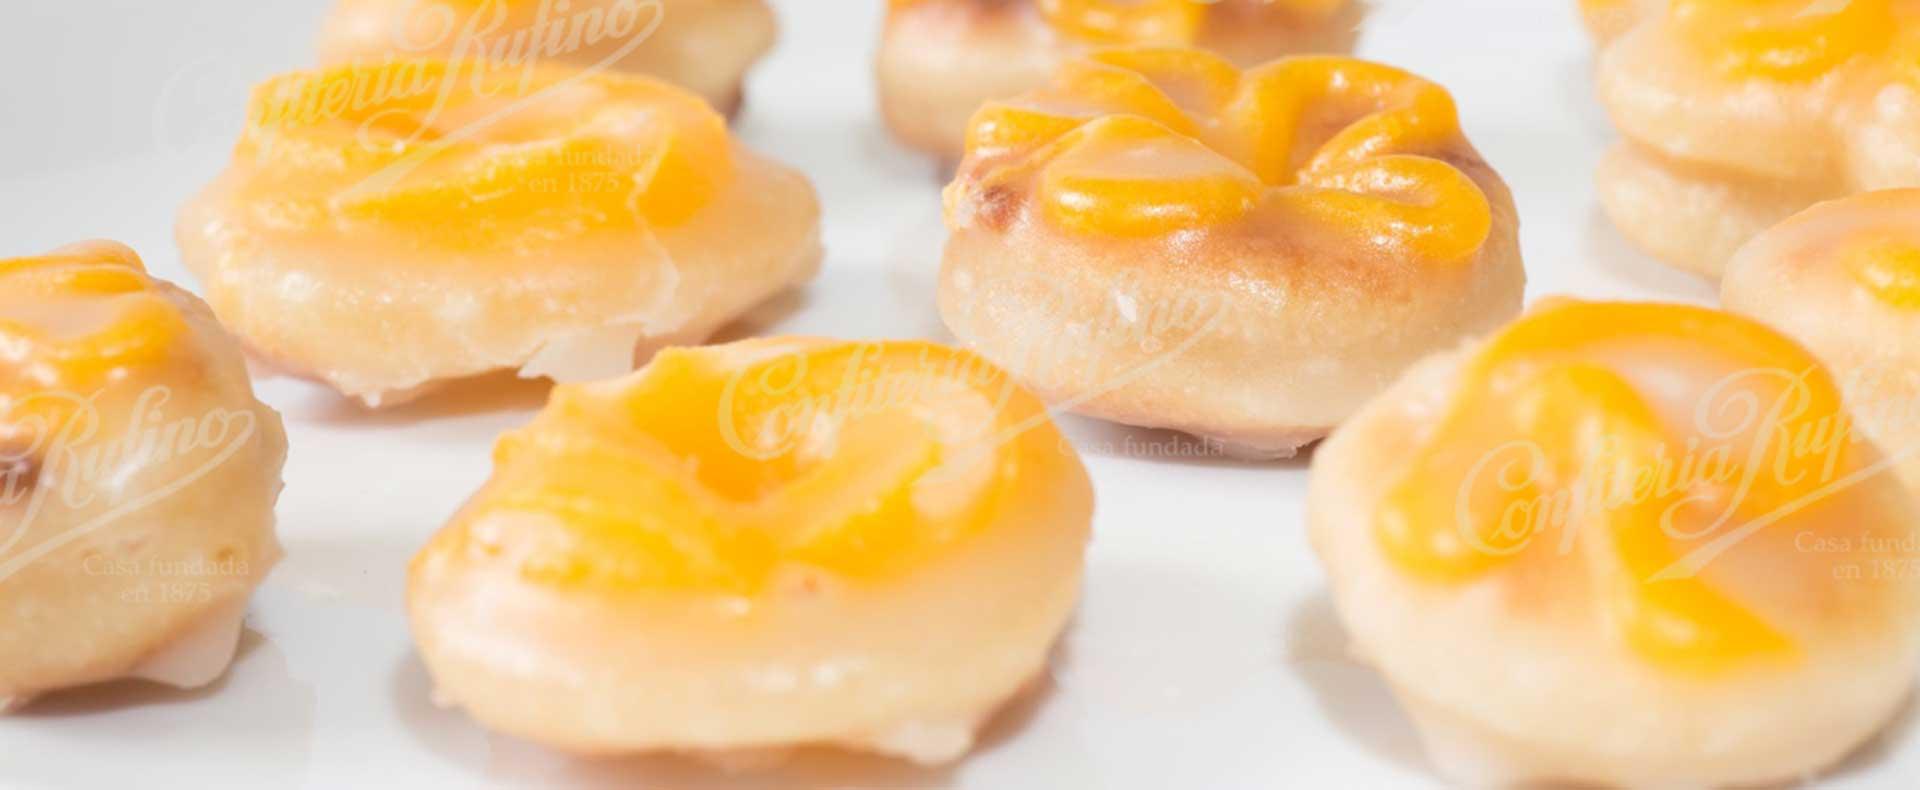 dulces finos especiales almendra Confiteria Rufino Aracena